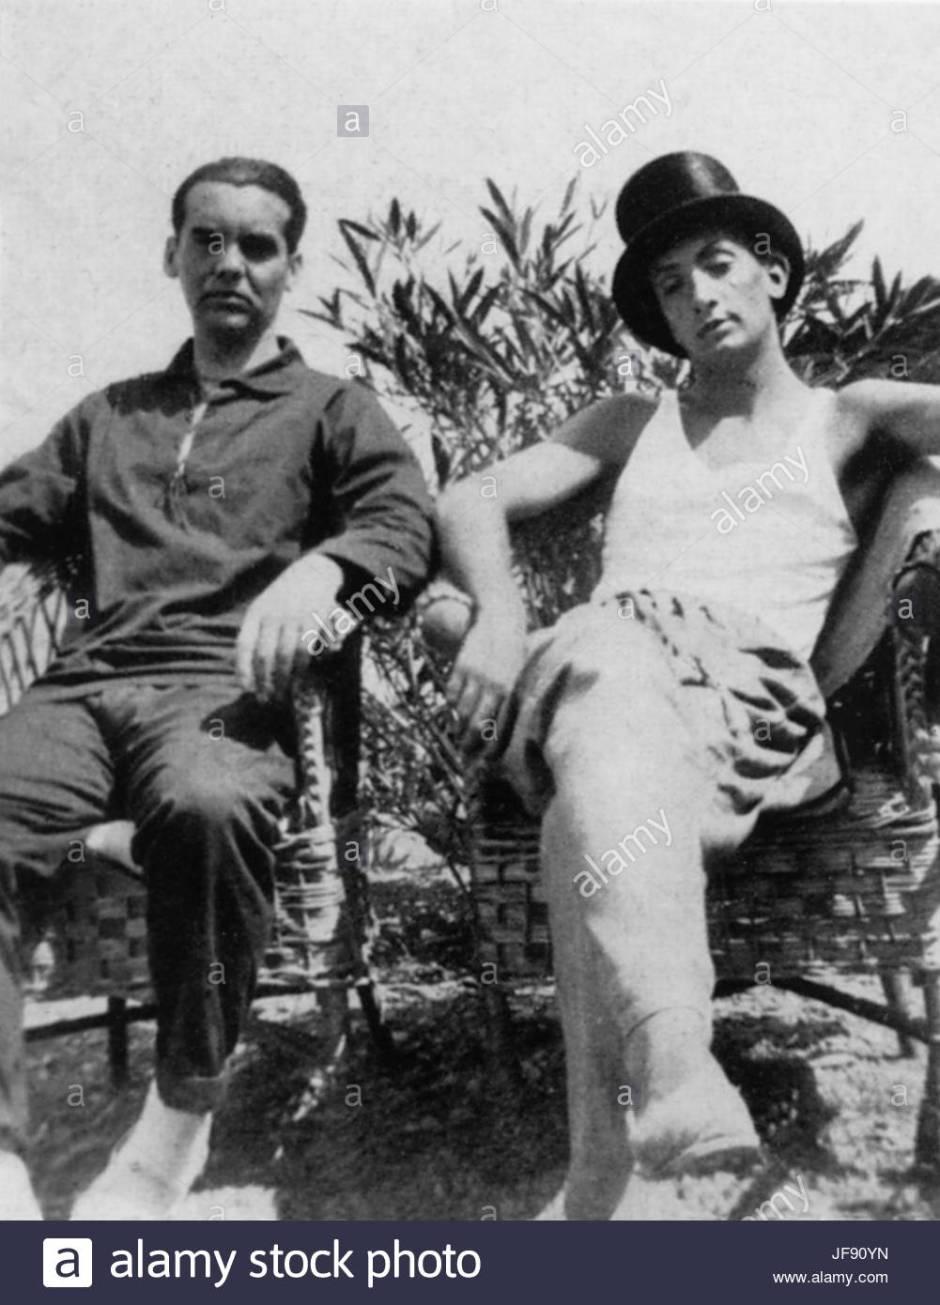 federico-garcia-lorca-left-spanish-poet-and-dramatist-1898-1936-a-JF90YN